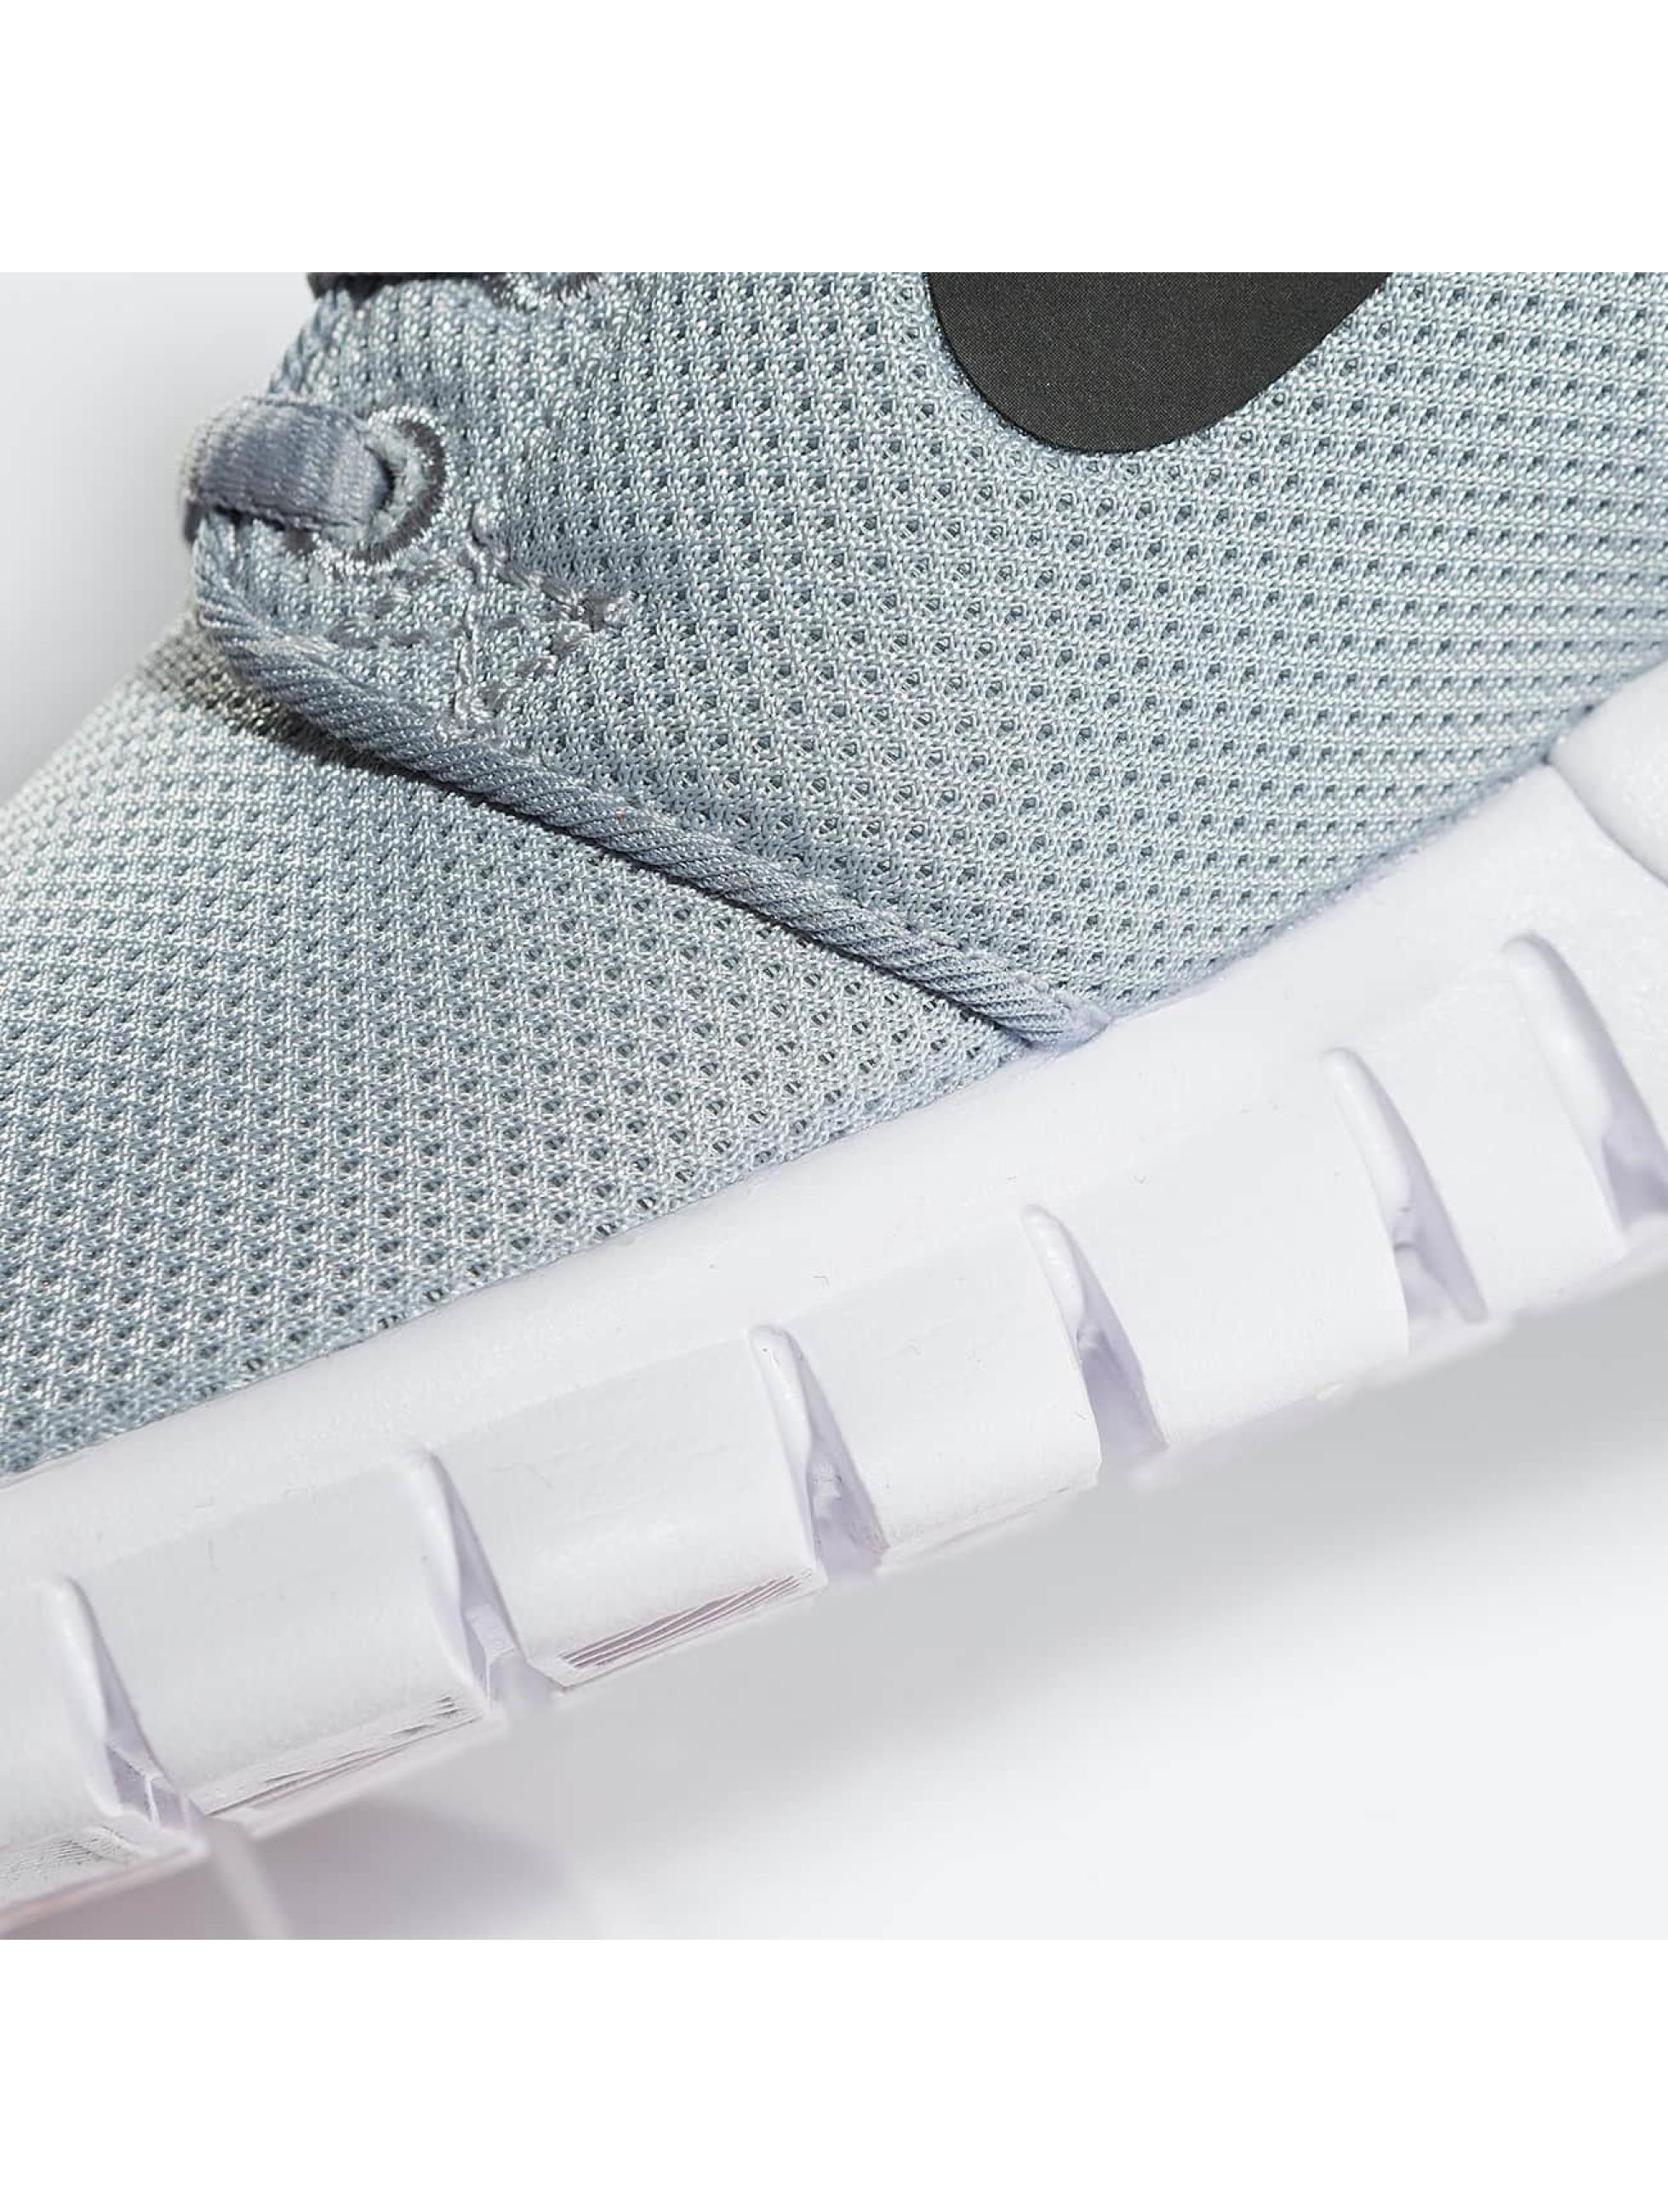 Nike SB Sneakers Stefan Janoski Max gray